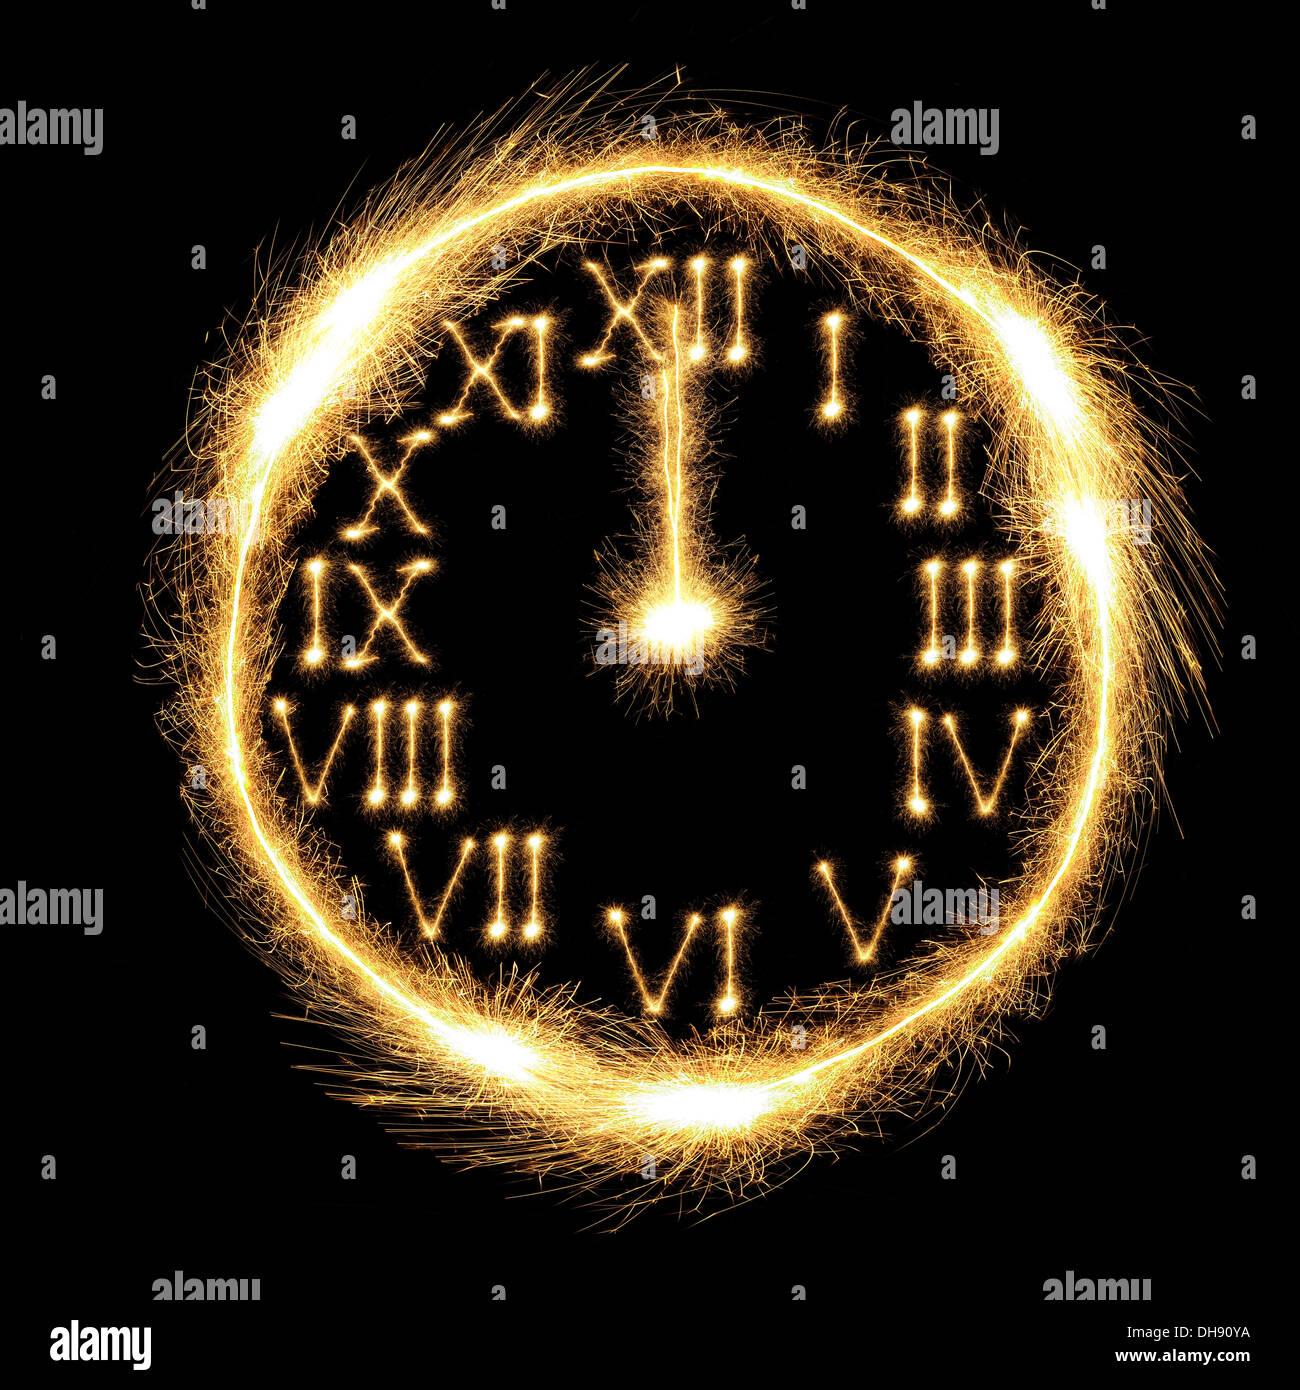 Desencadenando reloj mostrando casi la medianoche y el Día de Año Nuevo próximos Imagen De Stock